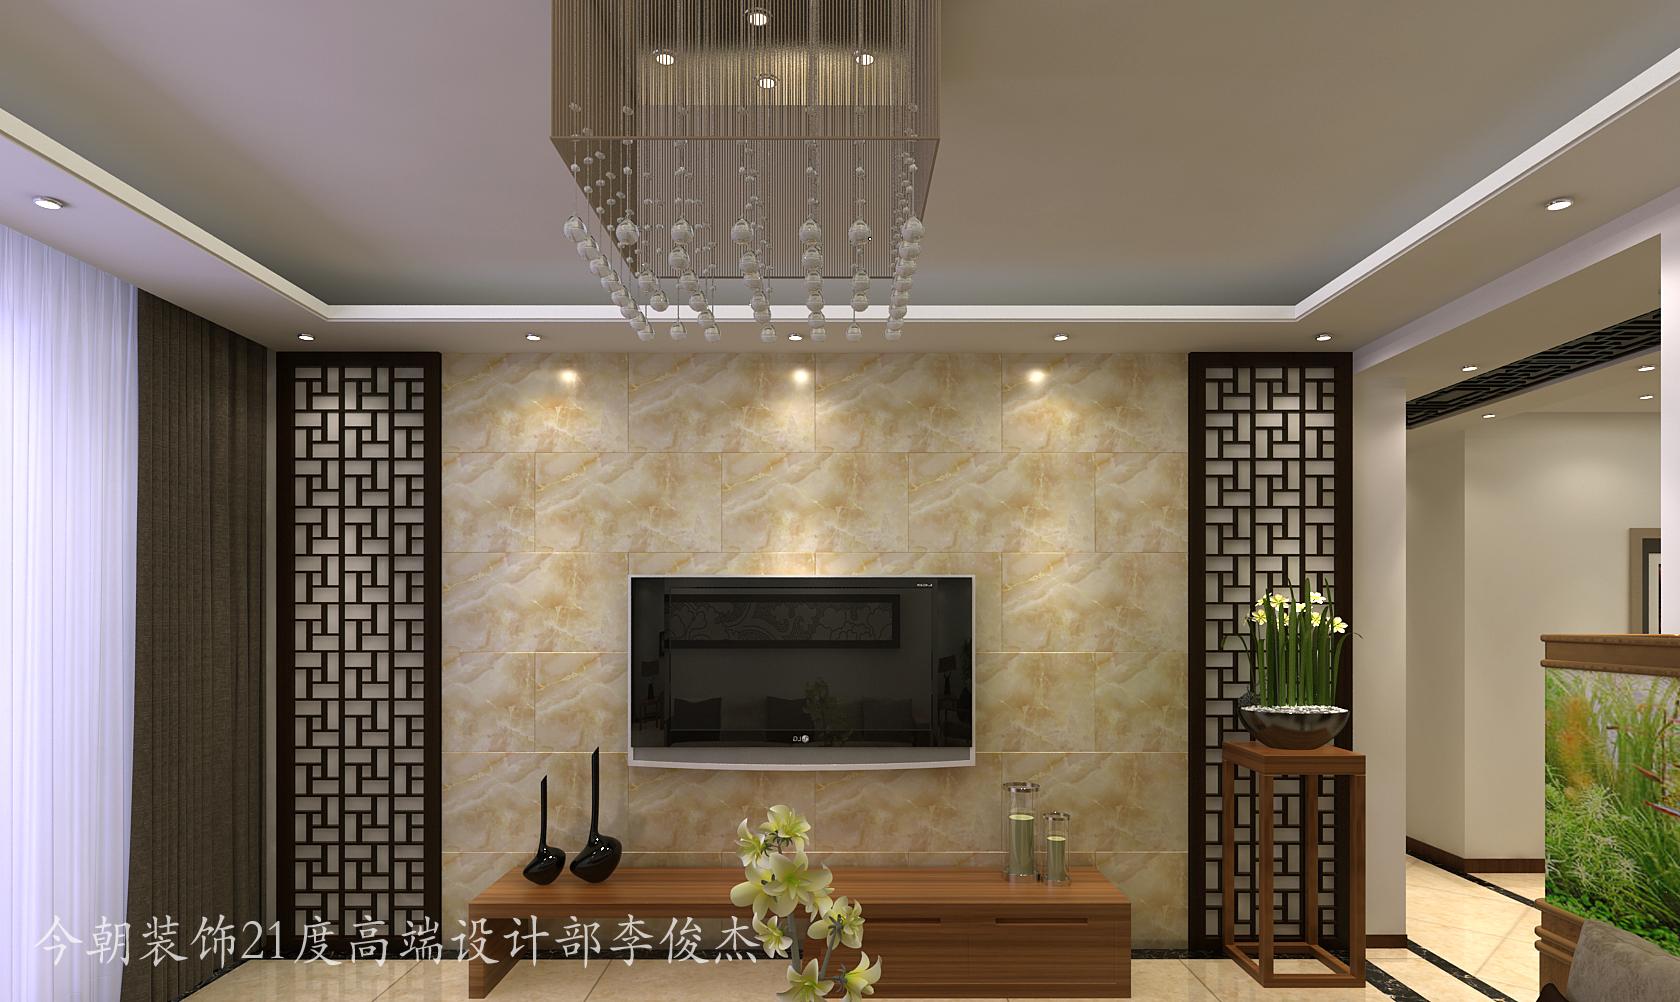 天津 今朝 装饰 设计 新中式 三居室 静海 静屿海 客厅图片来自今朝小涵_在静屿海引领新中式的分享